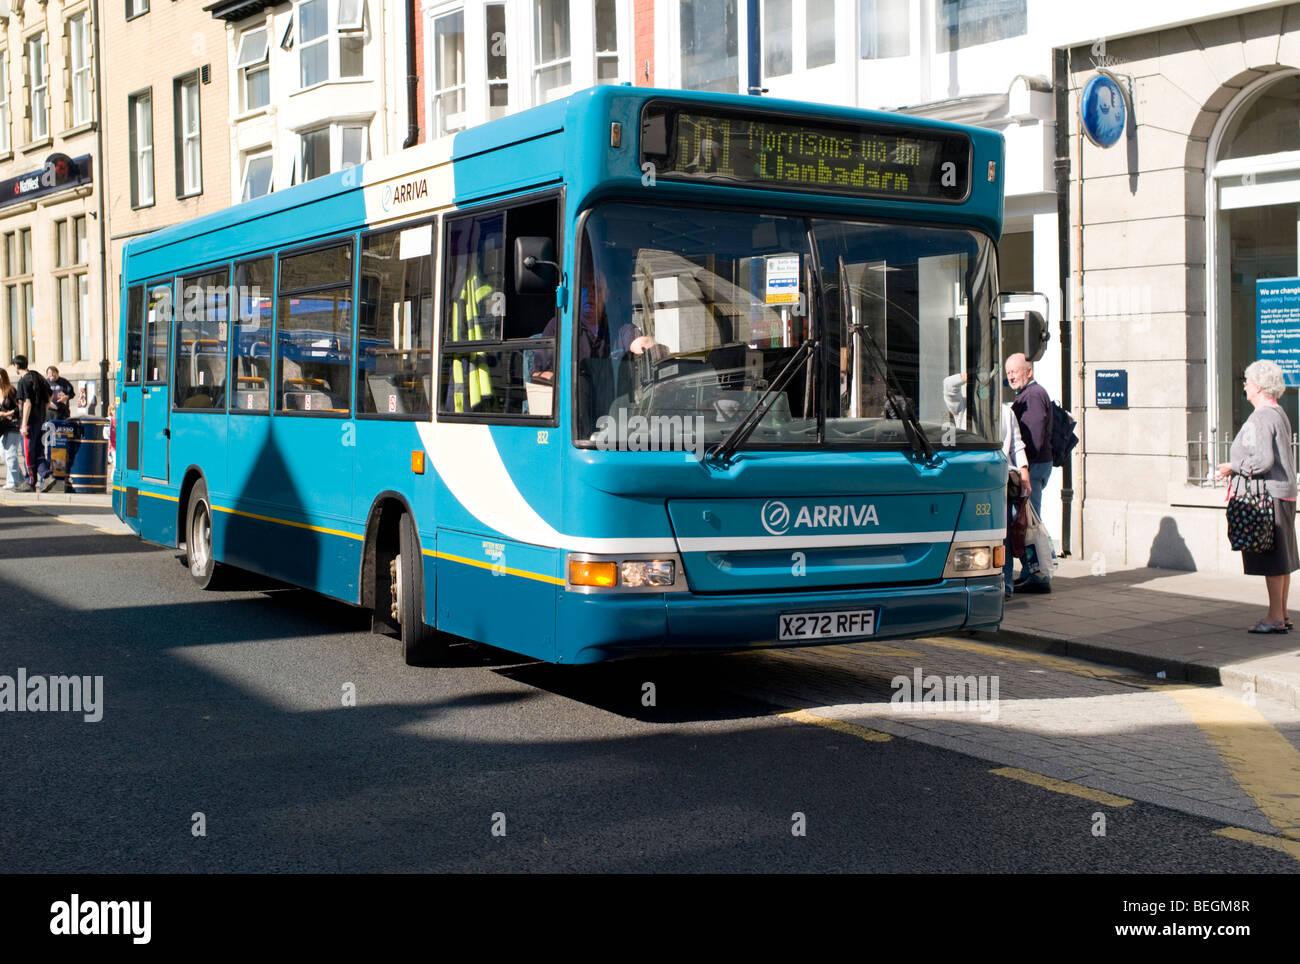 Arriva bus coach public transport Aberystwyth wales UK - Stock Image